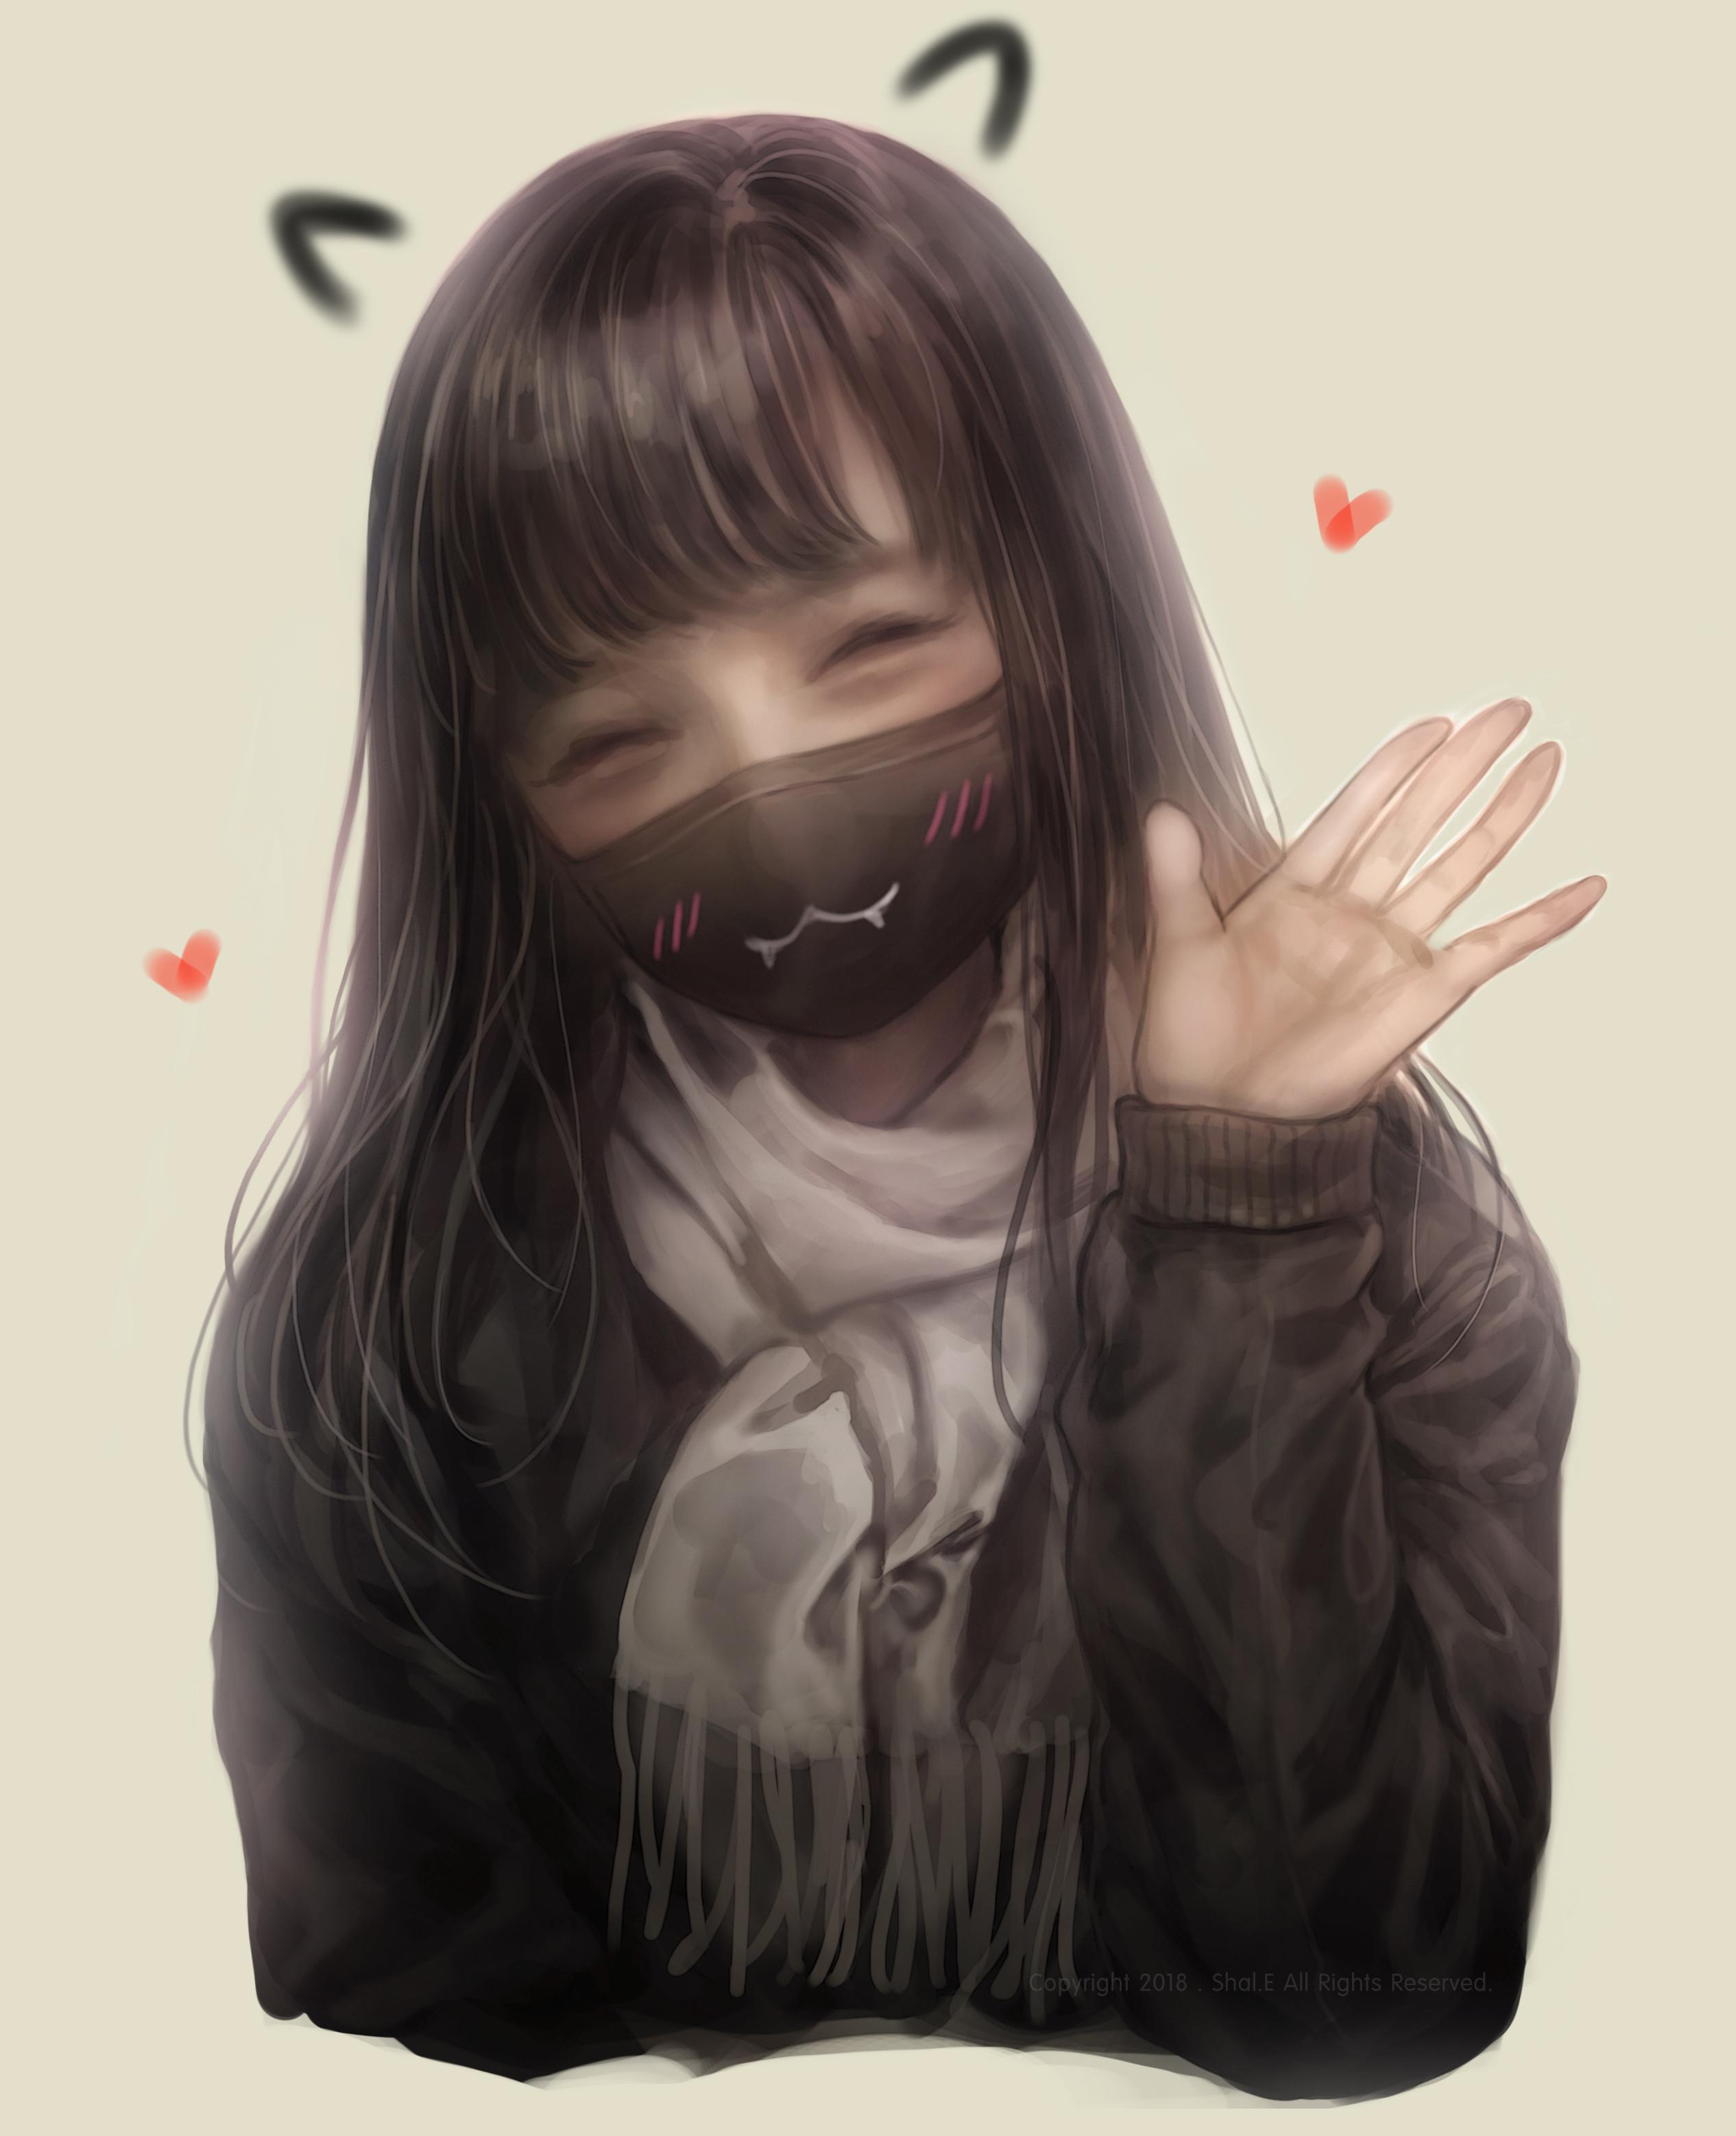 Картинки грустных девушек аниме в масках